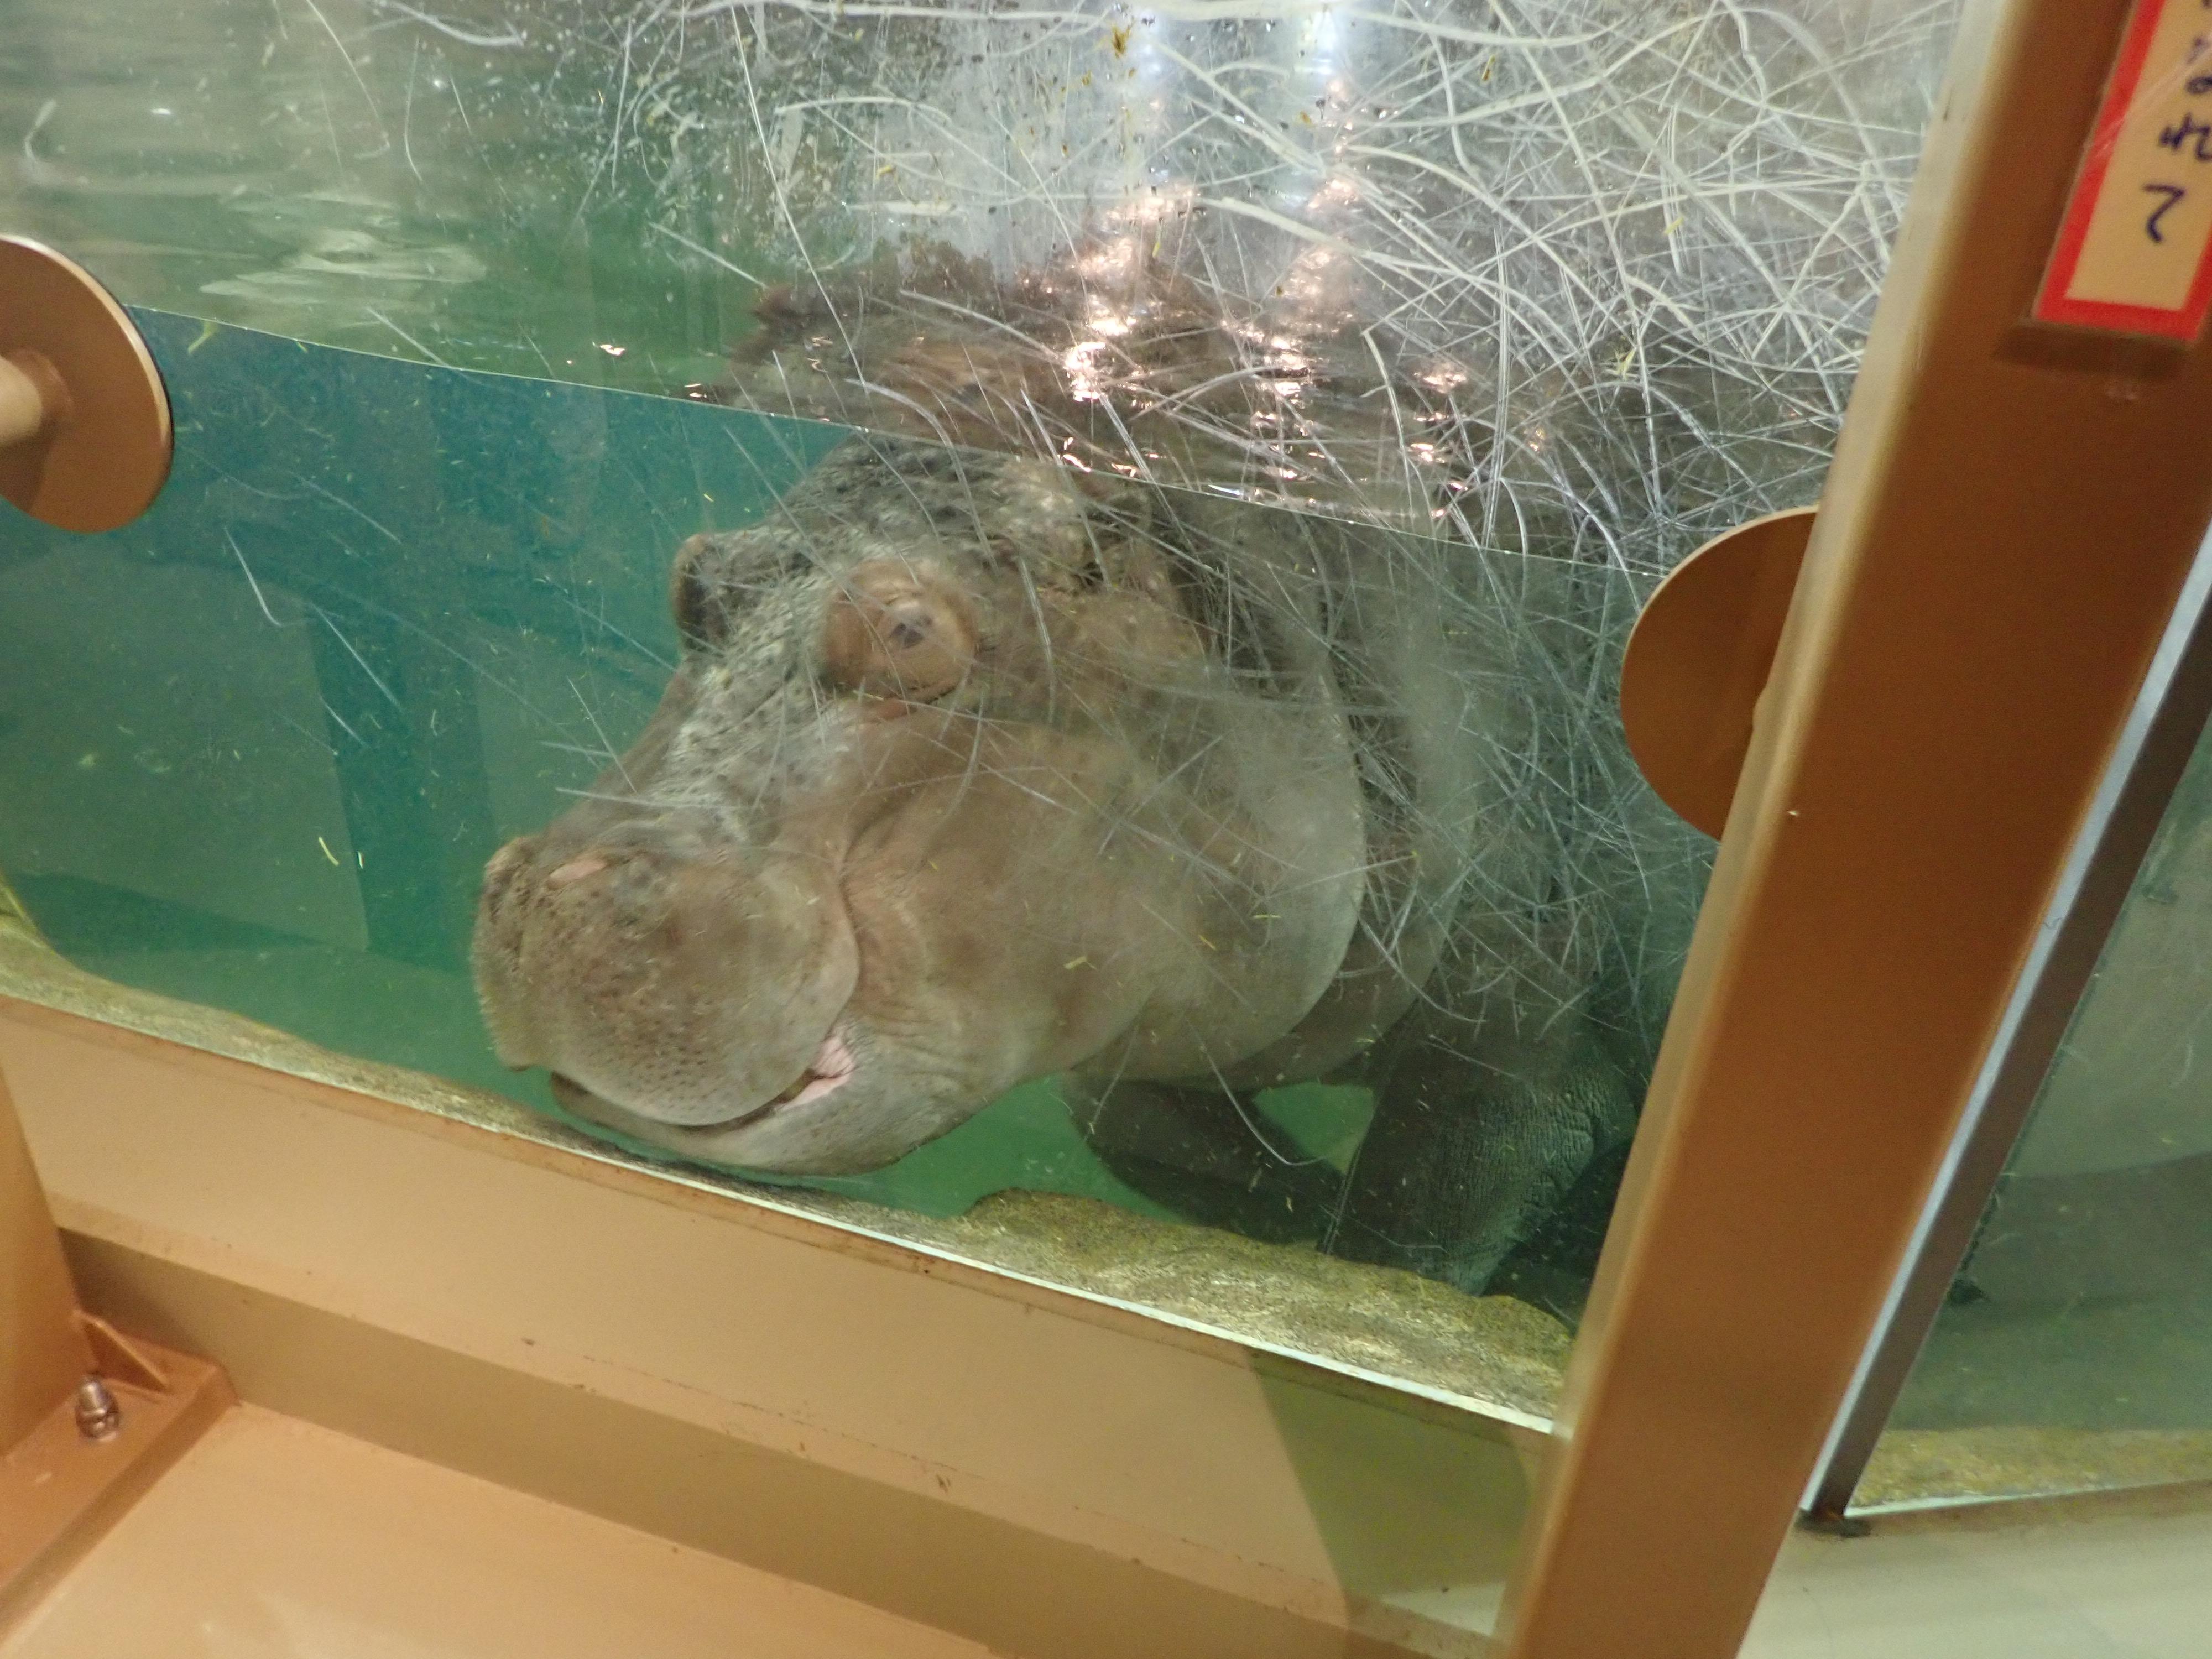 朝阿桧山動物園のカバの水槽